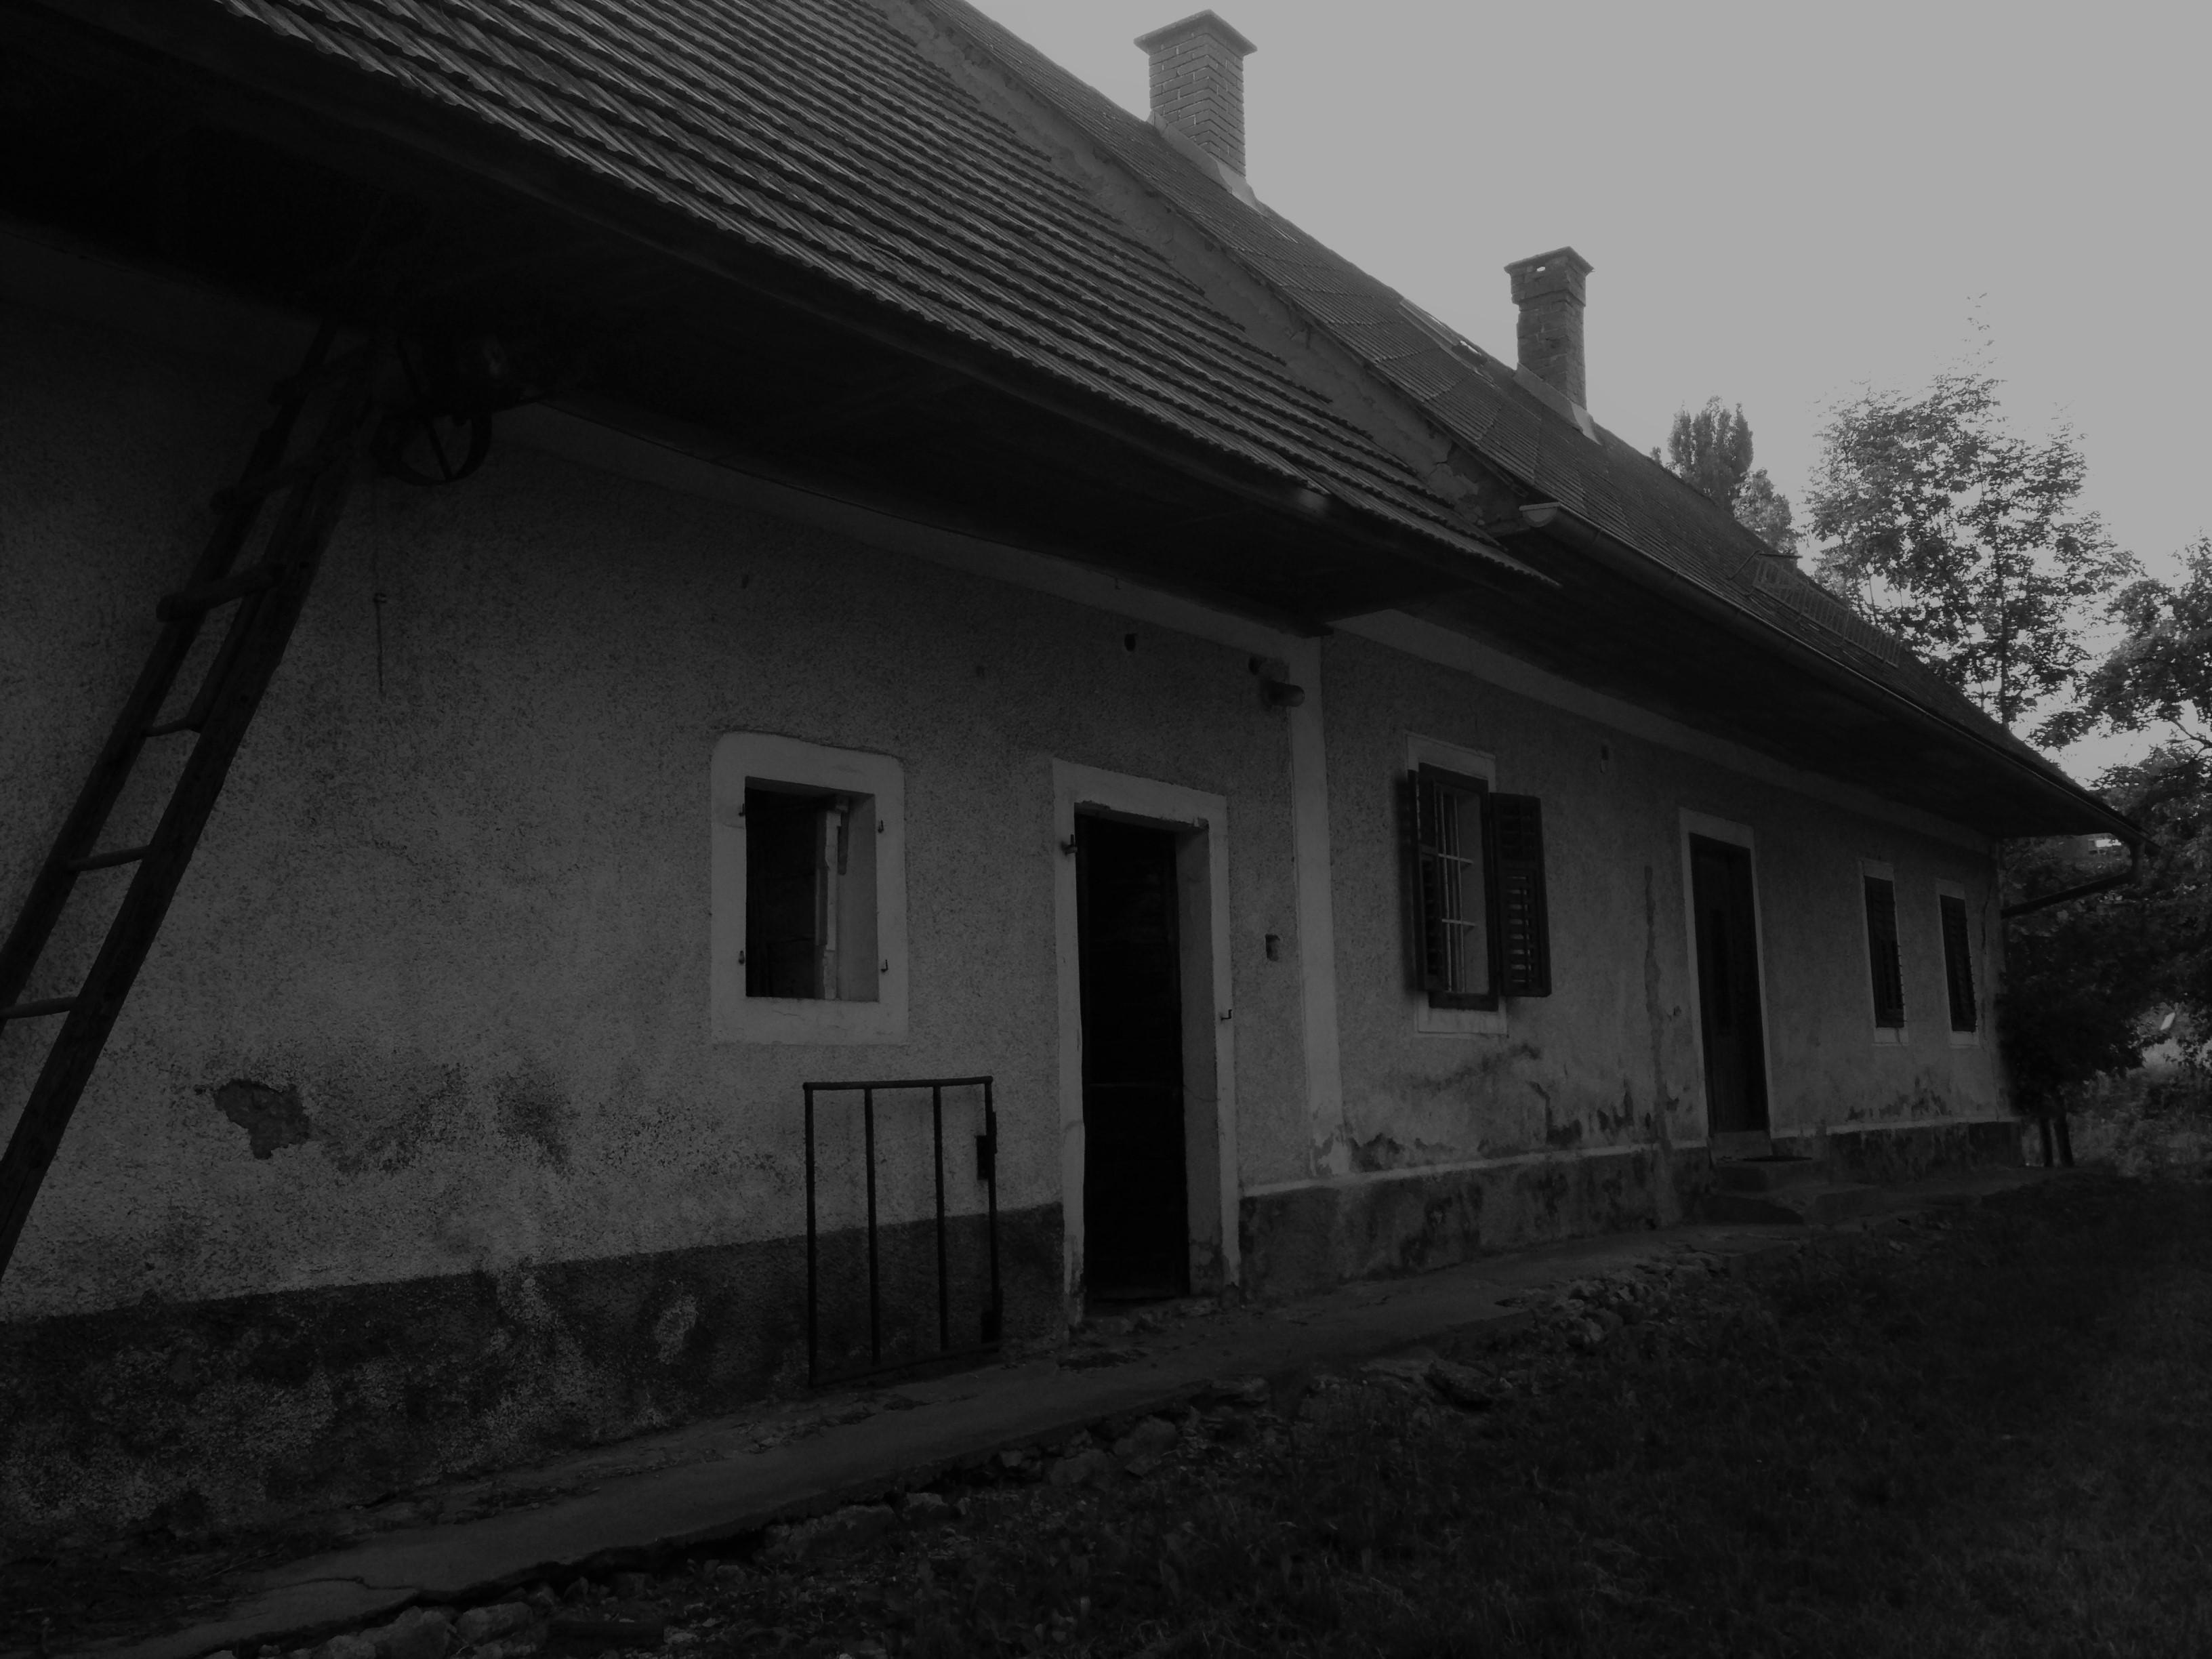 bauernhaus steiermark derburgunderhof